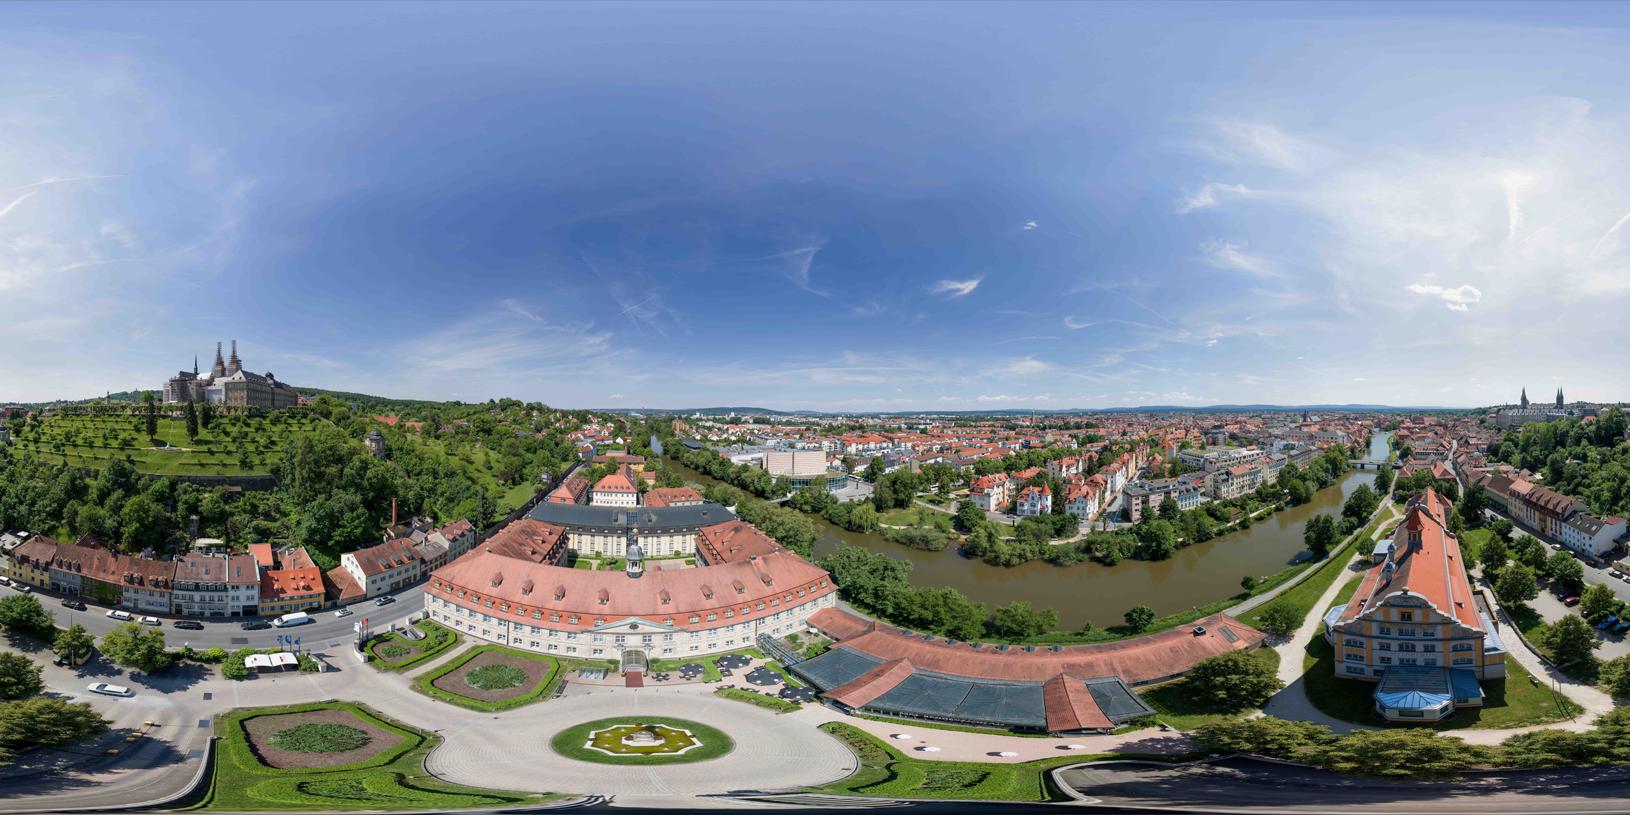 Hotel Residenzschloß Bamberg